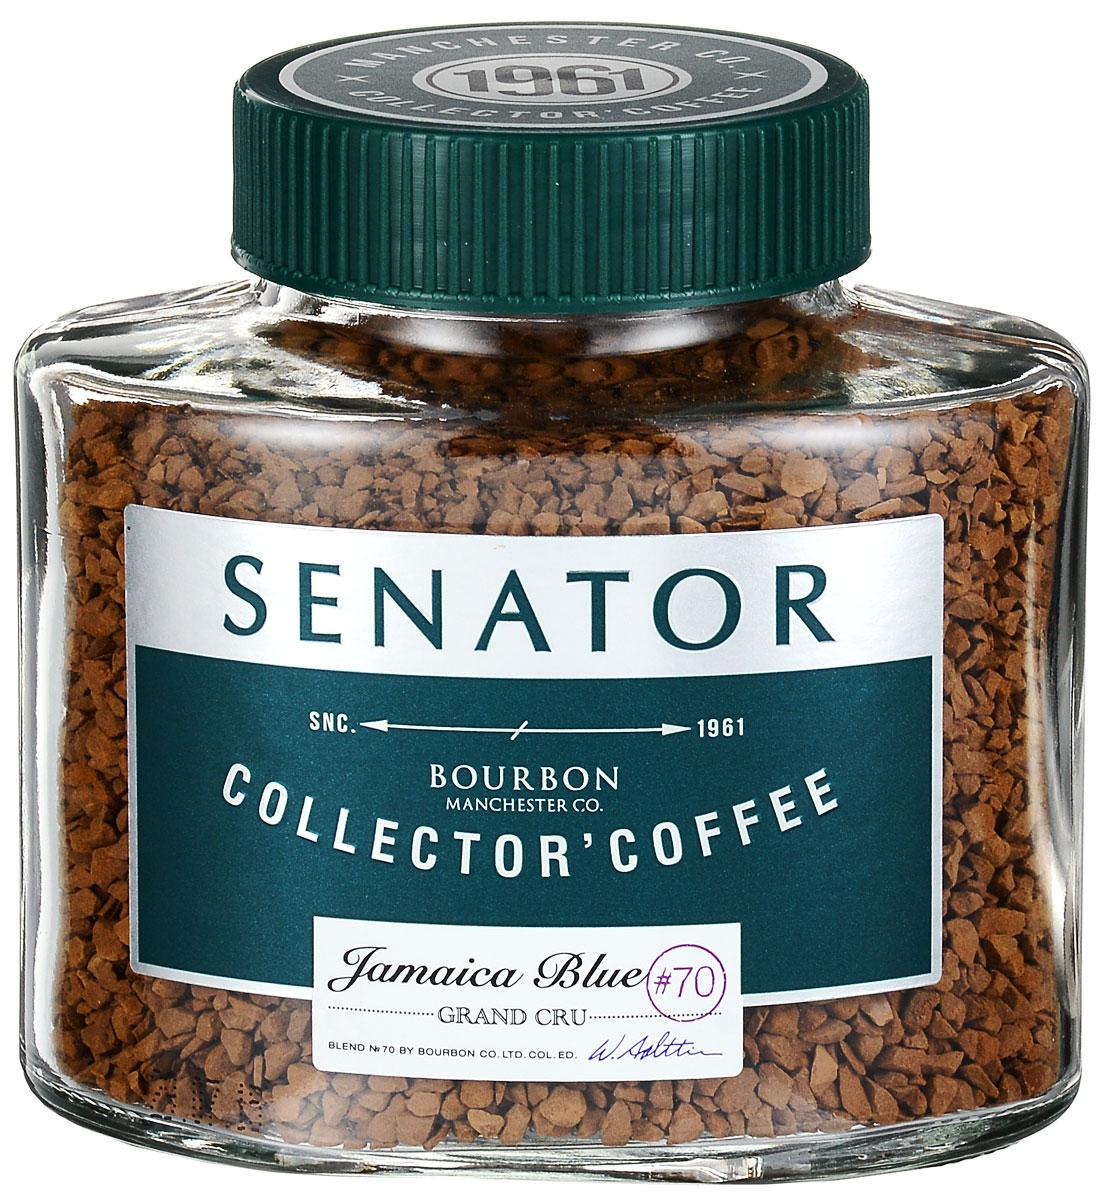 Senator Jamaica Blue кофе растворимый, 90 г0120710Senator Jamaica Blue натуральный растворимый сублимированный кофе, который обладает изысканным вкусом с приятным фруктовым букетом. Для создания купажа кофе используют зерна ямайской Арабики сорта Jamaica Blue, которые произрастают на высокогорных плантациях.